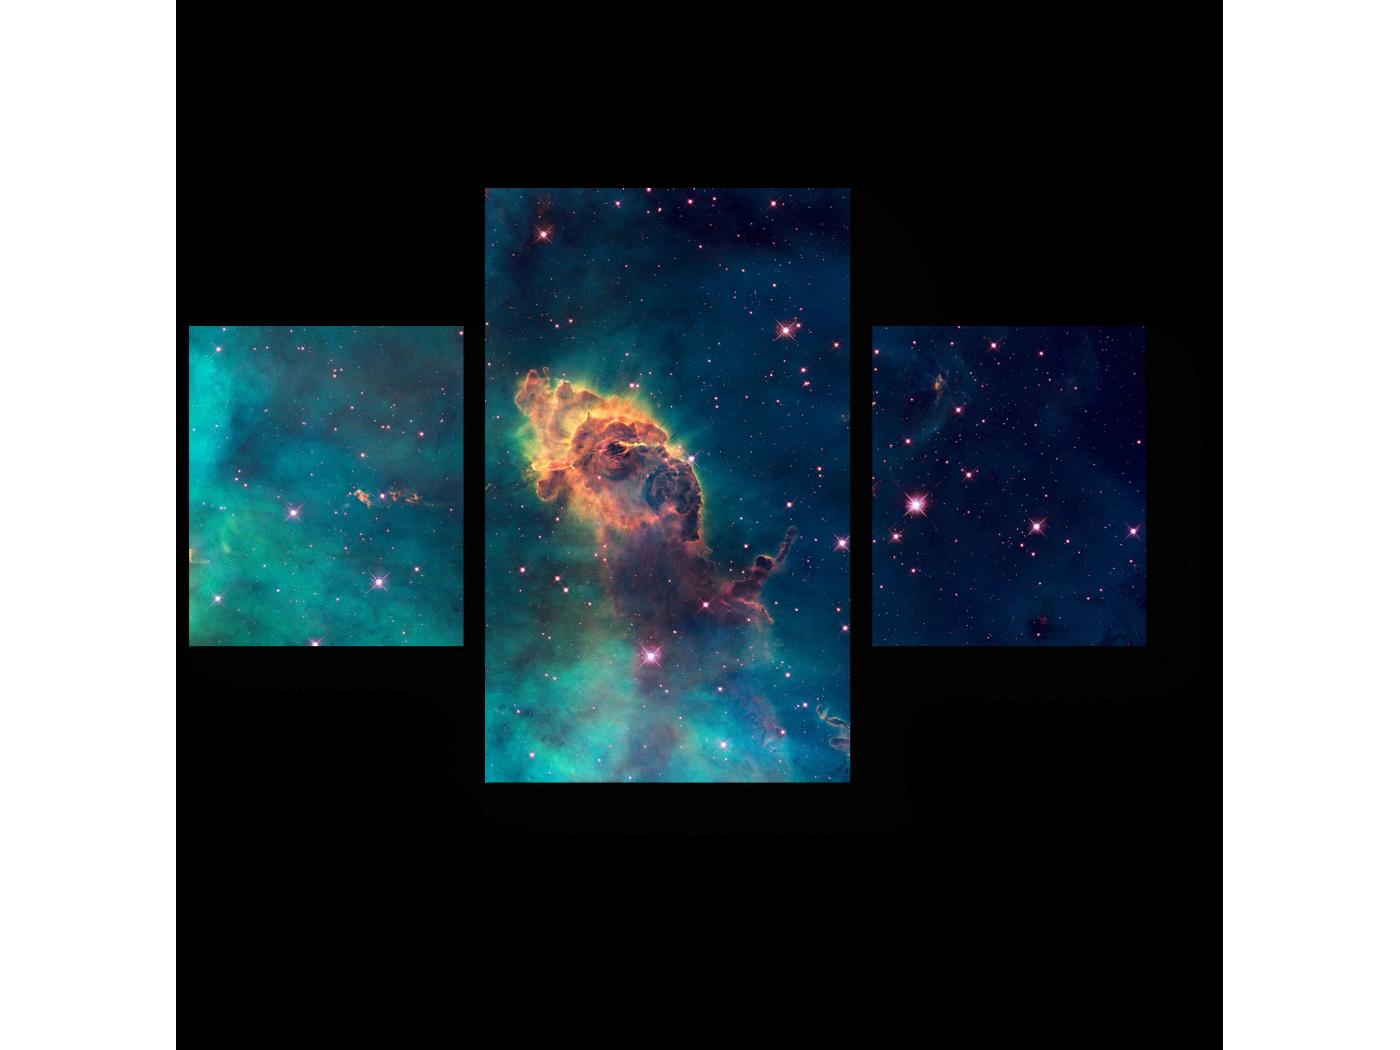 Модульная картина Звездная Вселенная (80x52) фото